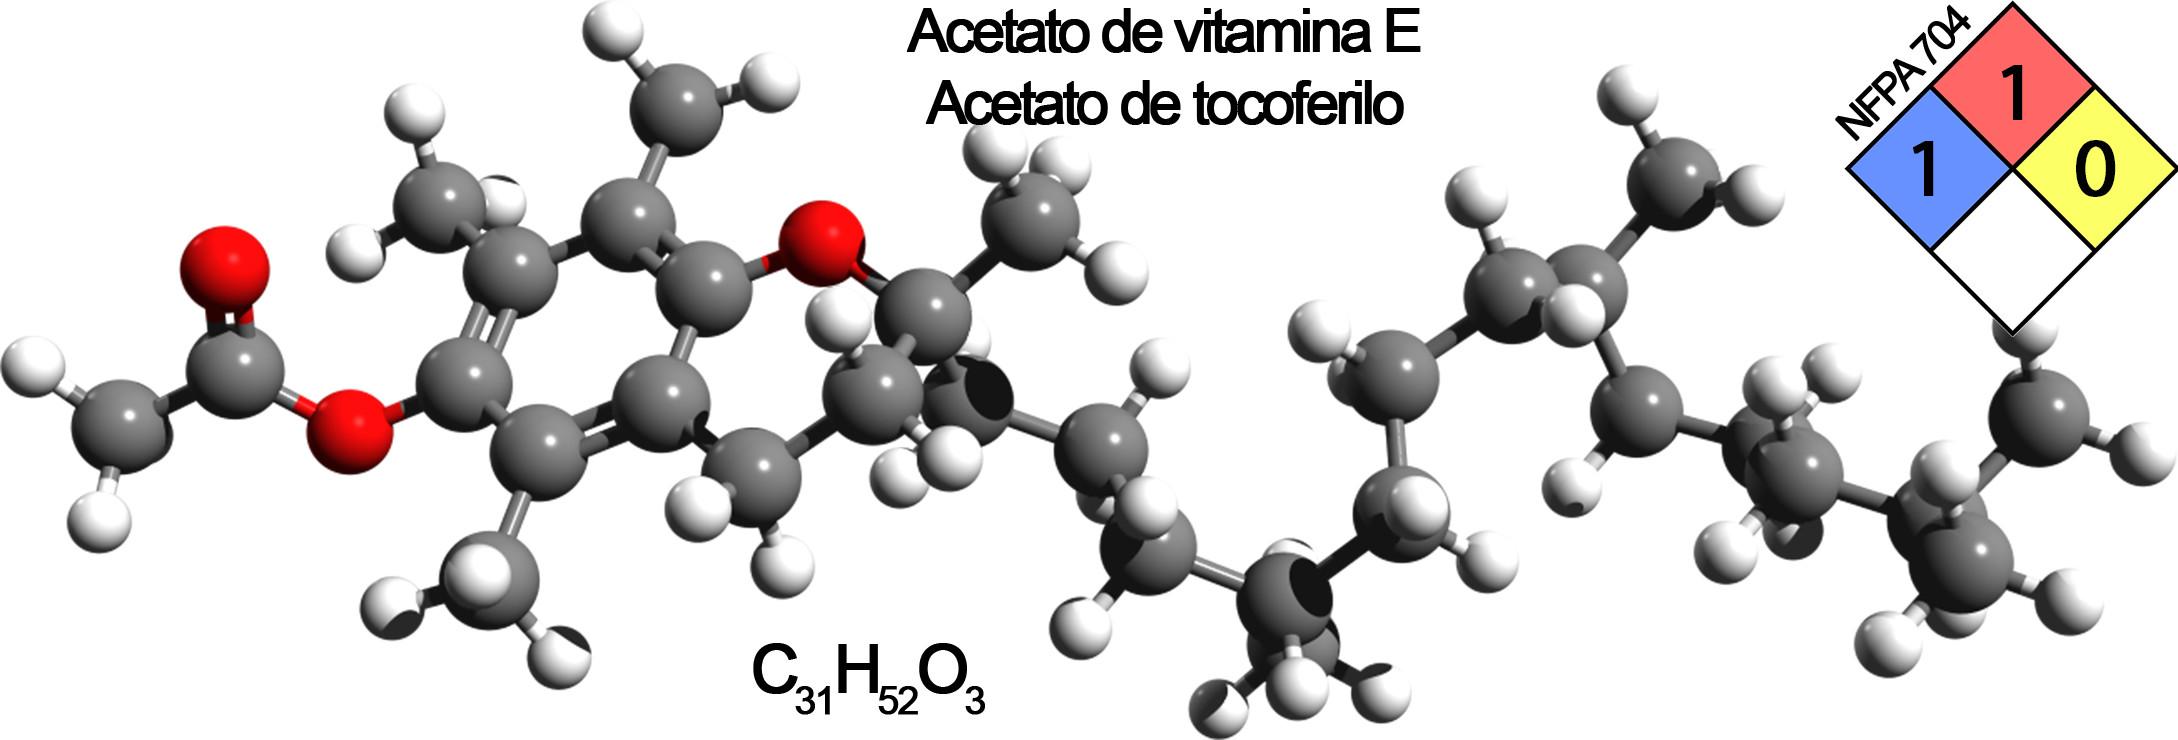 acetato de vitamina E composicion marcado vapear